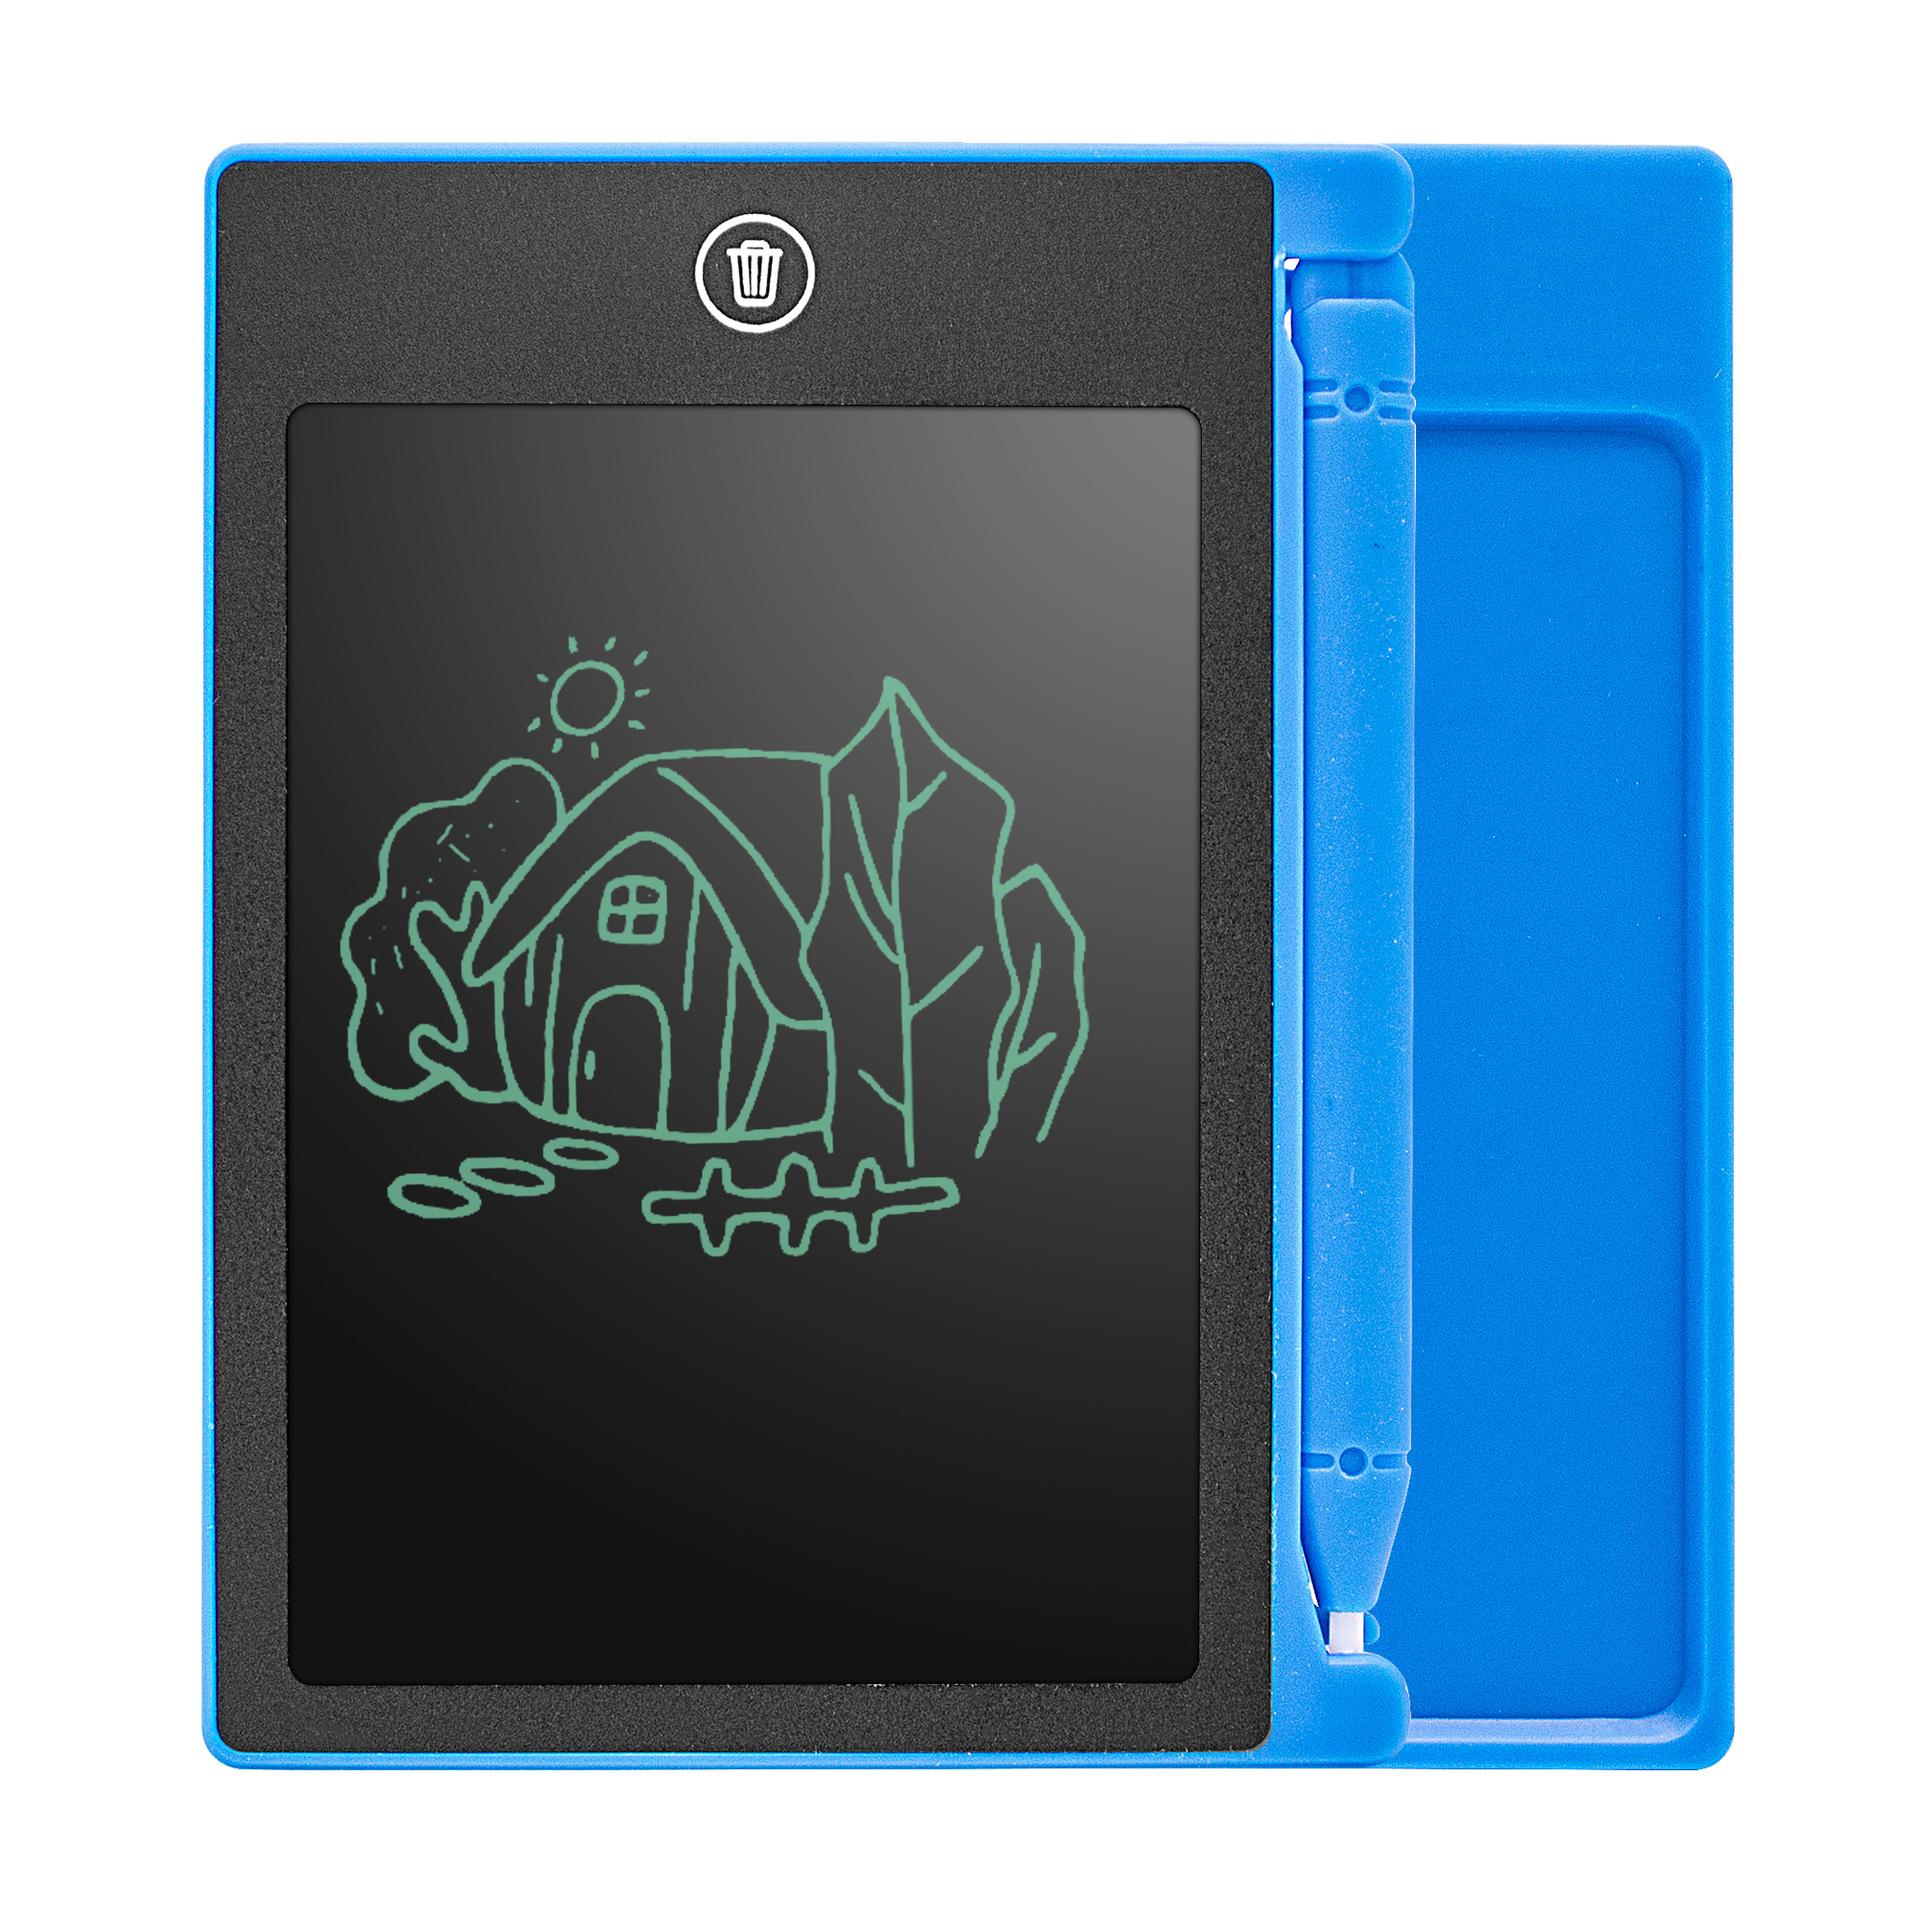 手写板 液晶手写板 儿童早教涂鸦绘画板 手绘板 4.4寸 lcd写字板